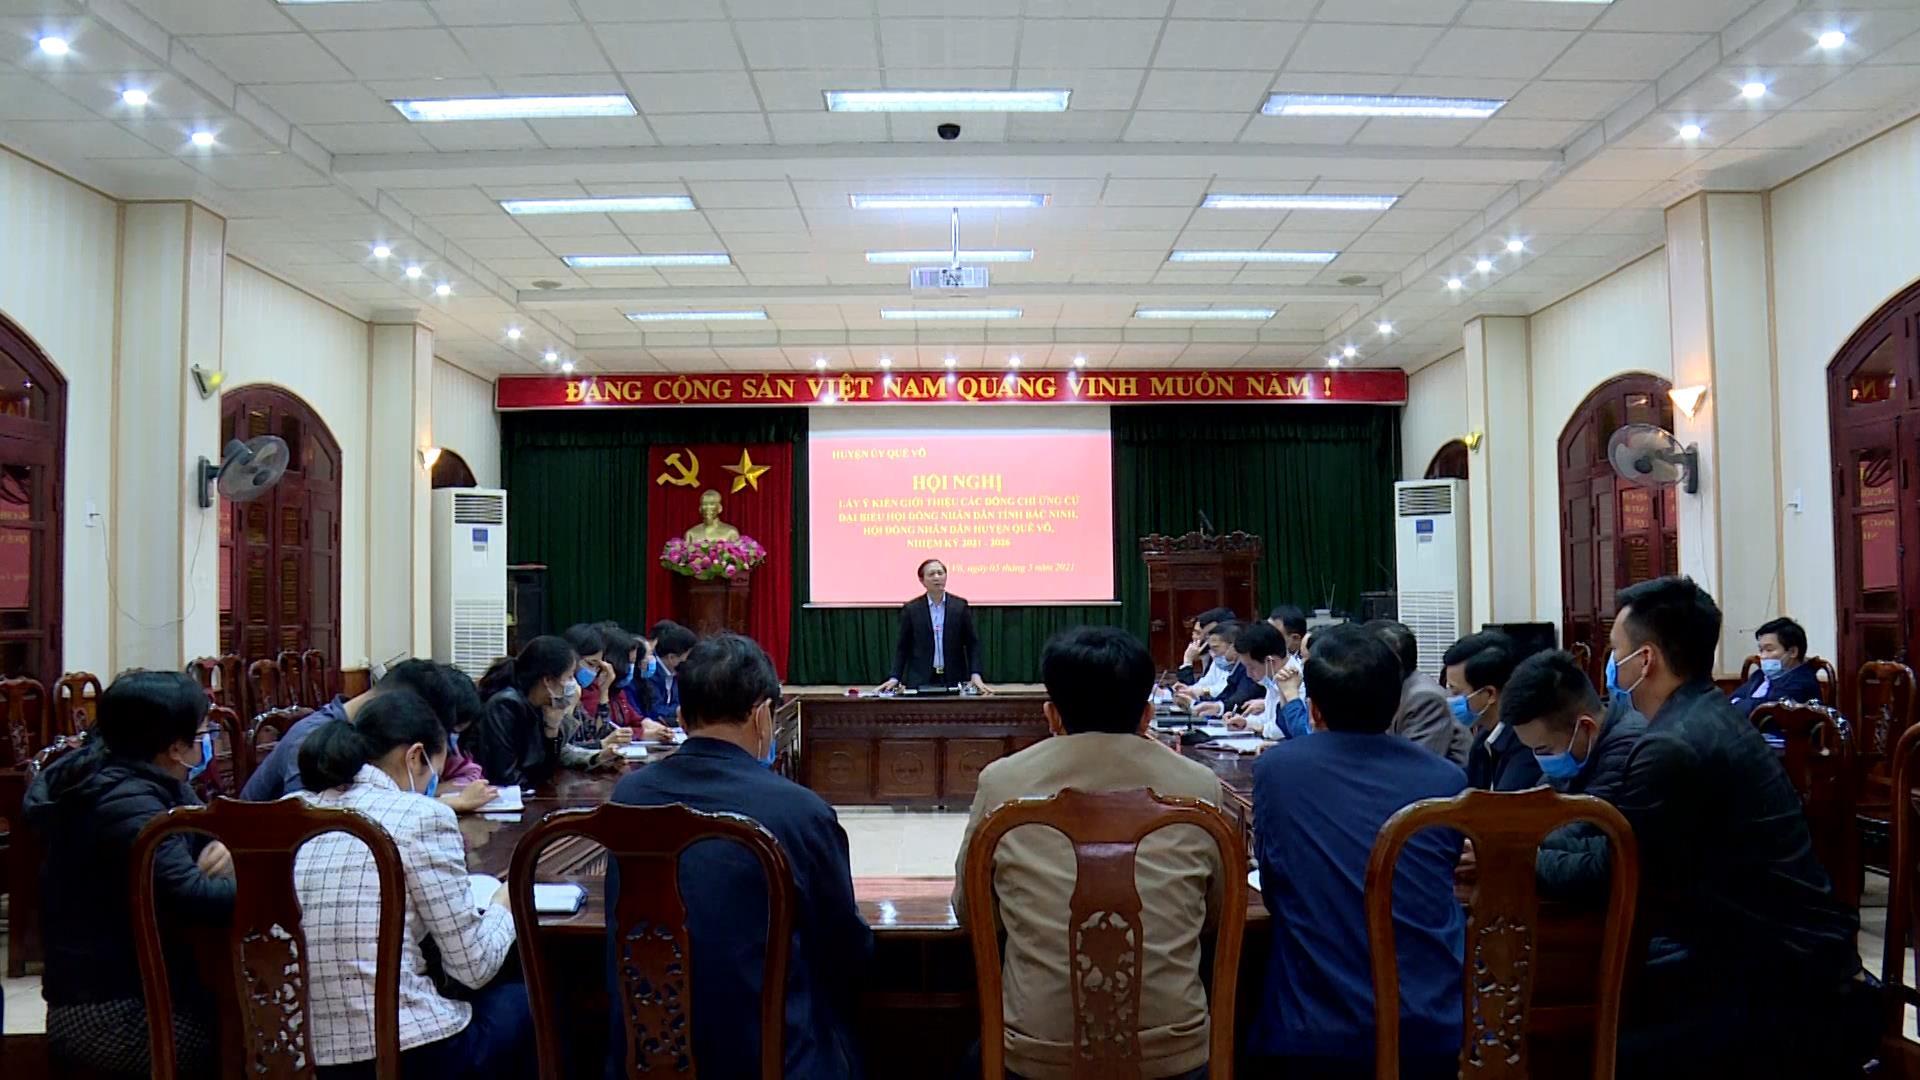 Huyện ủy Quế Võ tổ chức Hội nghị giới thiệu ứng cử đại biểu HĐND tỉnh khóa XIX và đại biểu HĐND huyện Quế Võ khóa XX, nhiệm kỳ 2021 - 2026